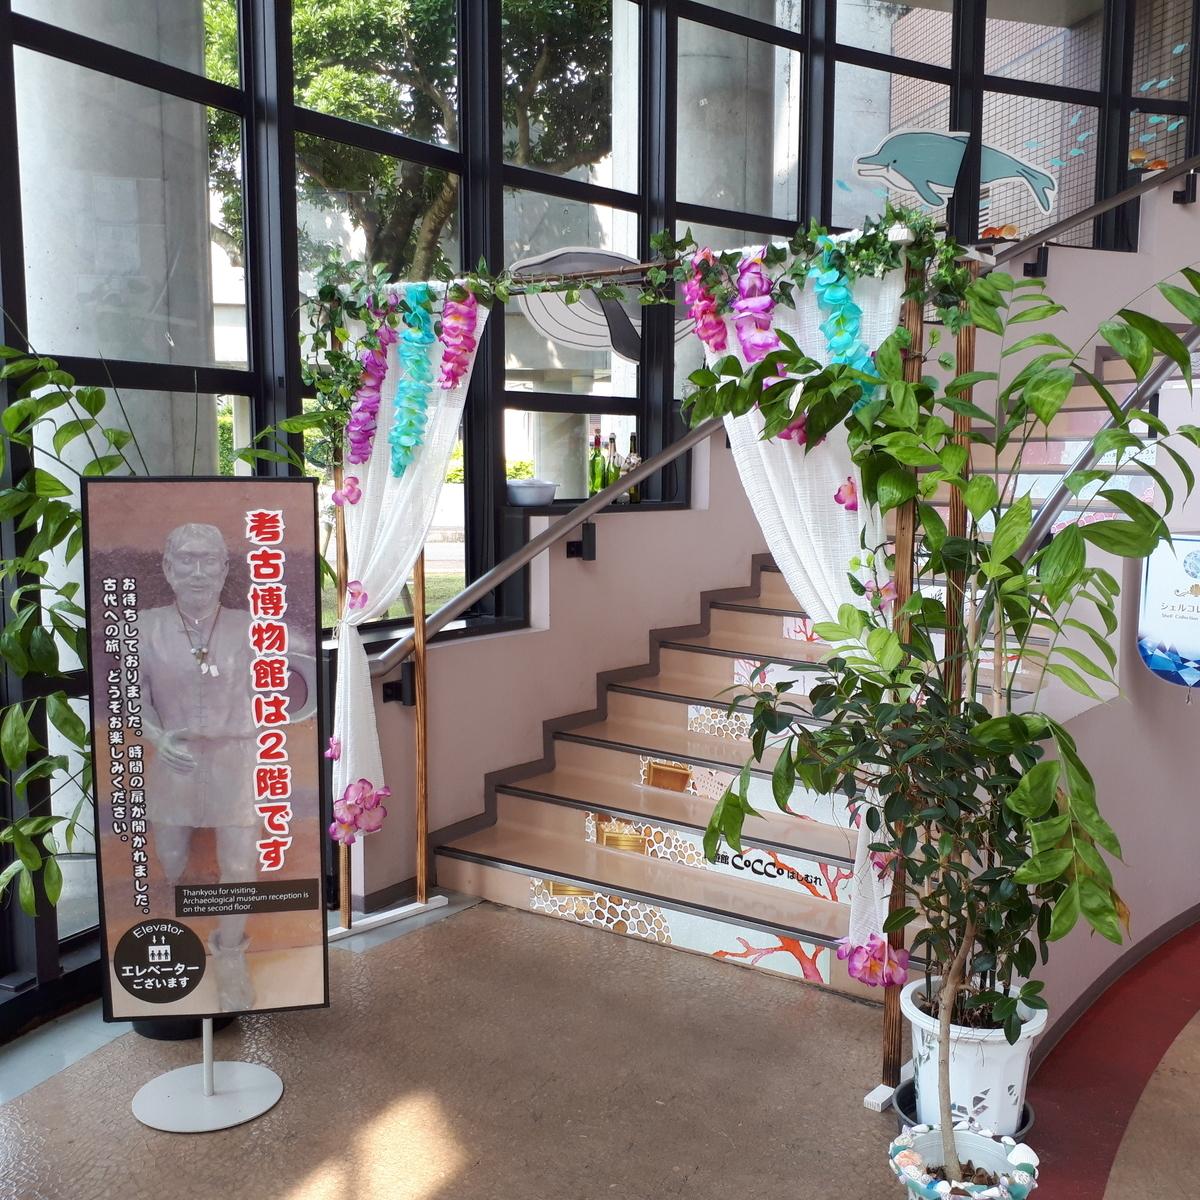 指宿市考古博物館 時遊館 Cocco はしむれ